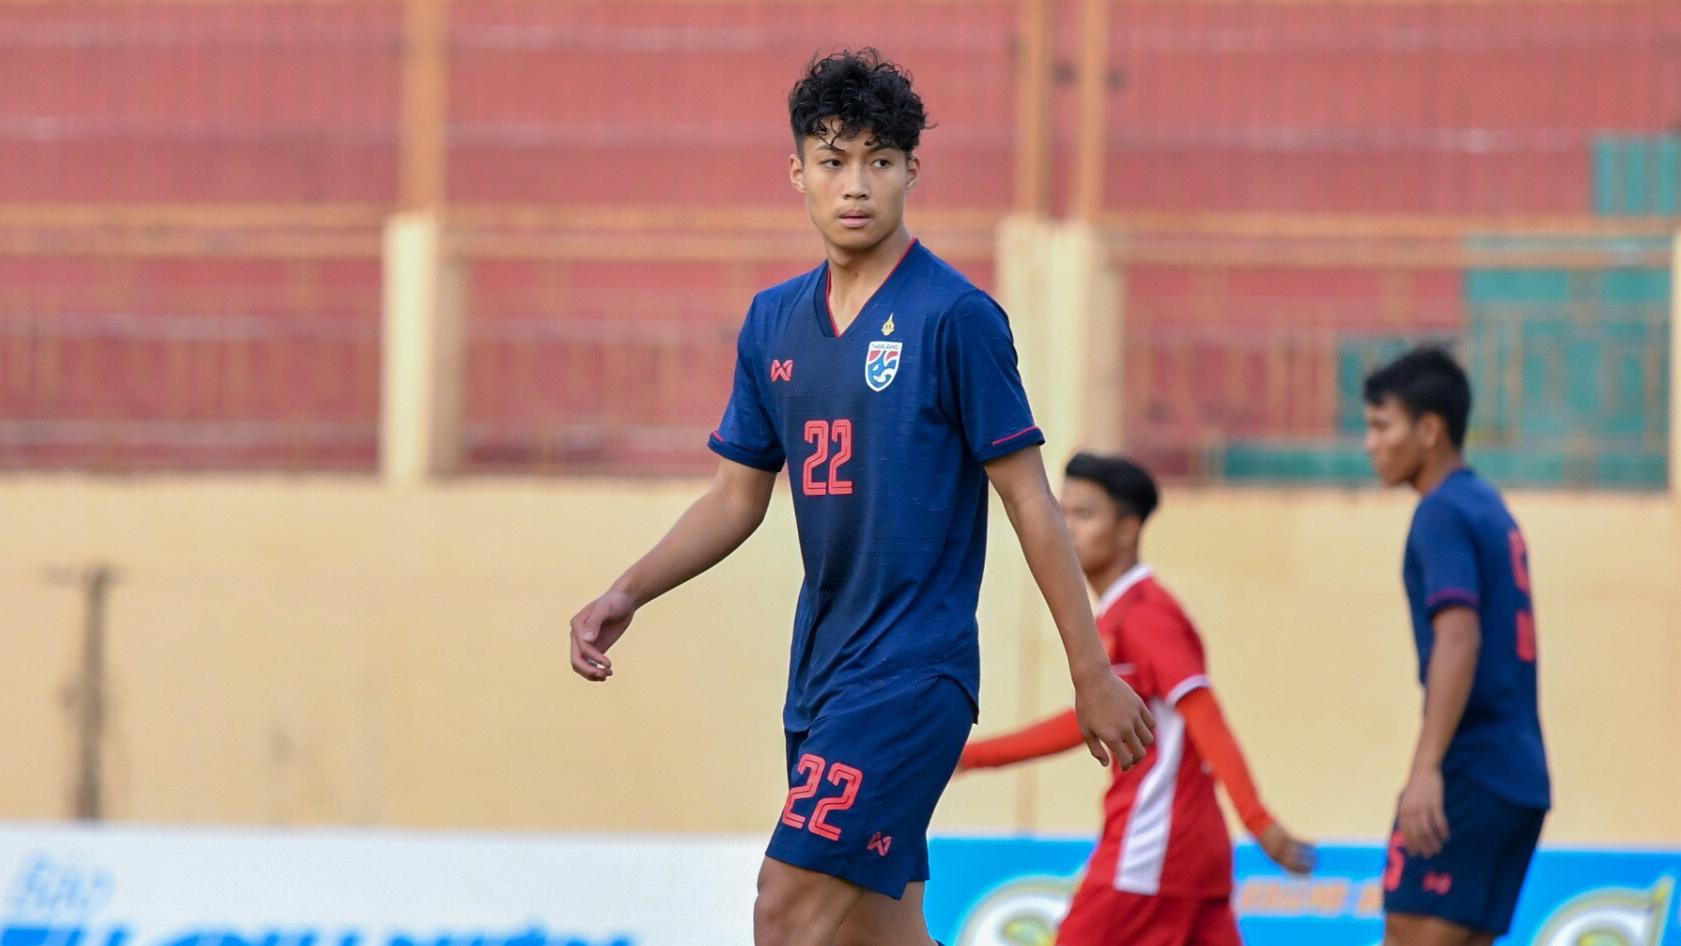 ทีมชาติไทย U19 ลีออน เจมส์ เลสเตอร์ ซิตี้